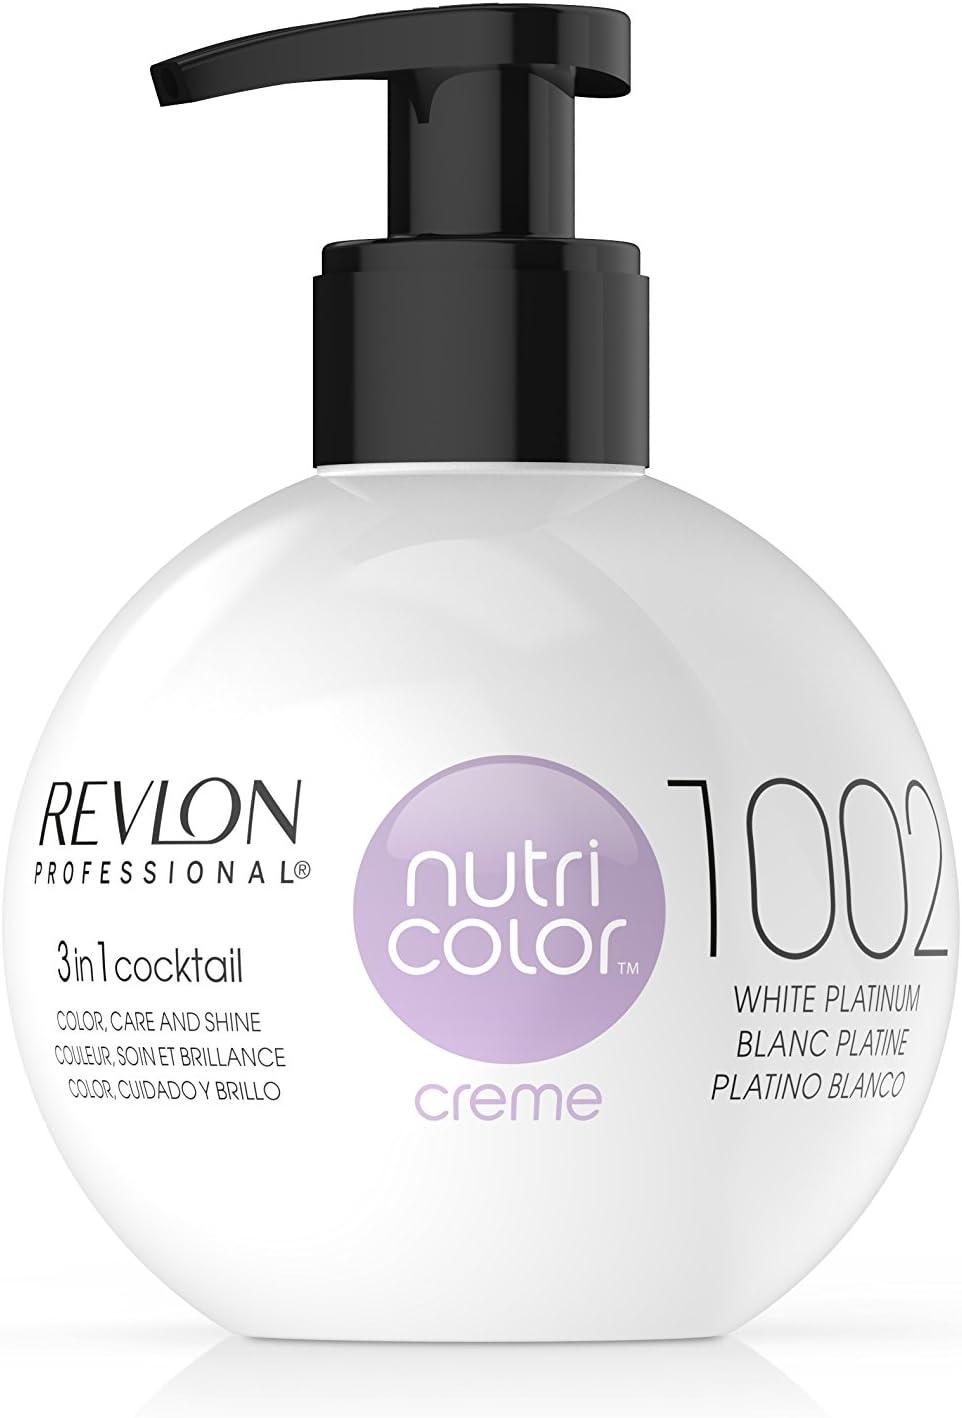 Revlon Nutri Color Creme Rubísimos, Tinte para el Cabello 1002 Platino Blanco - 270 ml